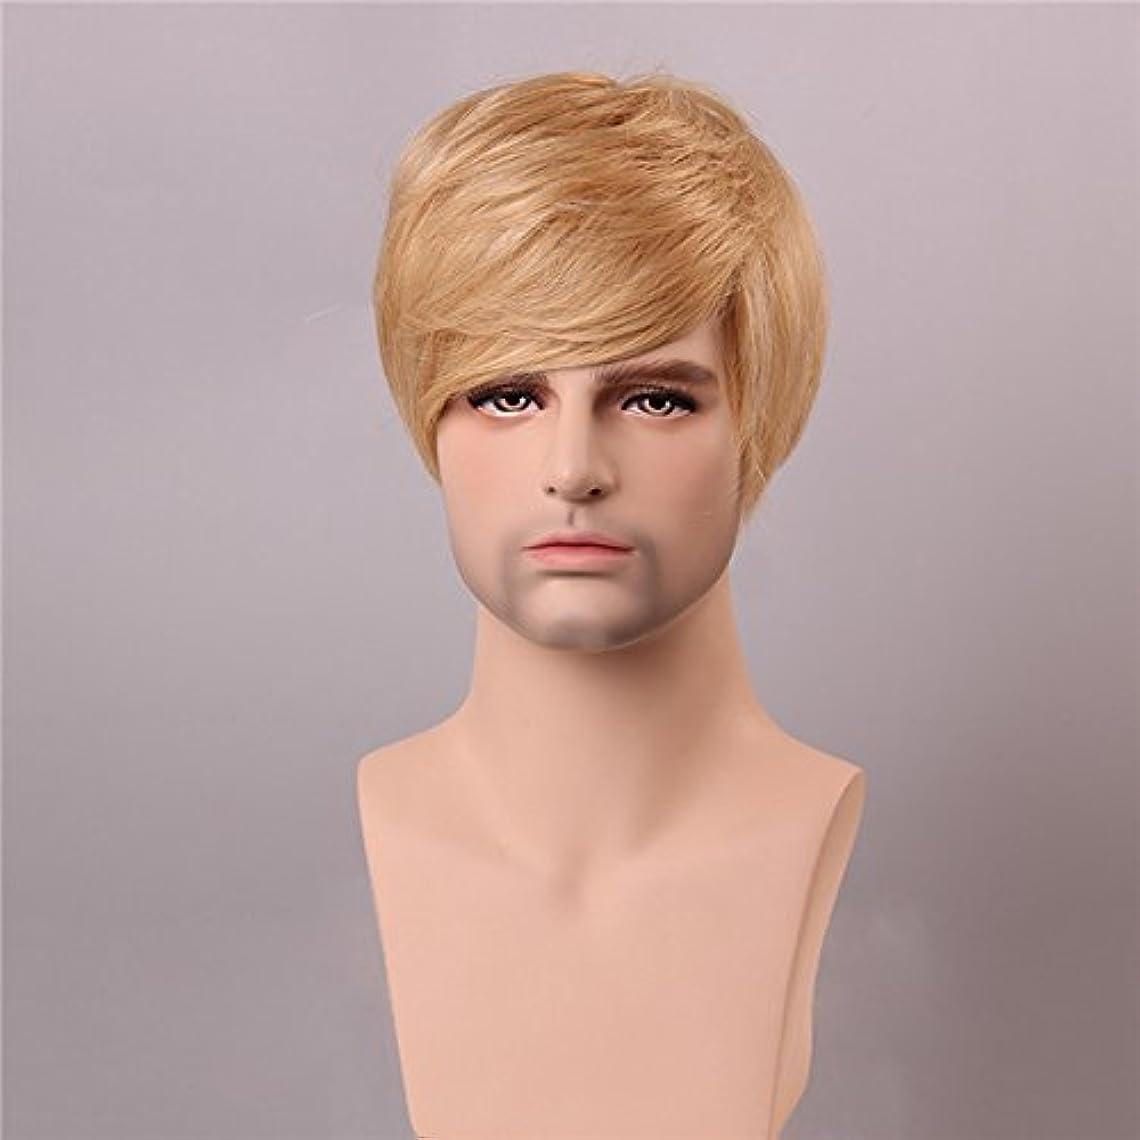 経由で無効にする監督するYZUEYT ブロンドの男性短いモノラルトップの人間の髪のかつら男性のヴァージンレミーキャップレスサイドバング YZUEYT (Size : One size)